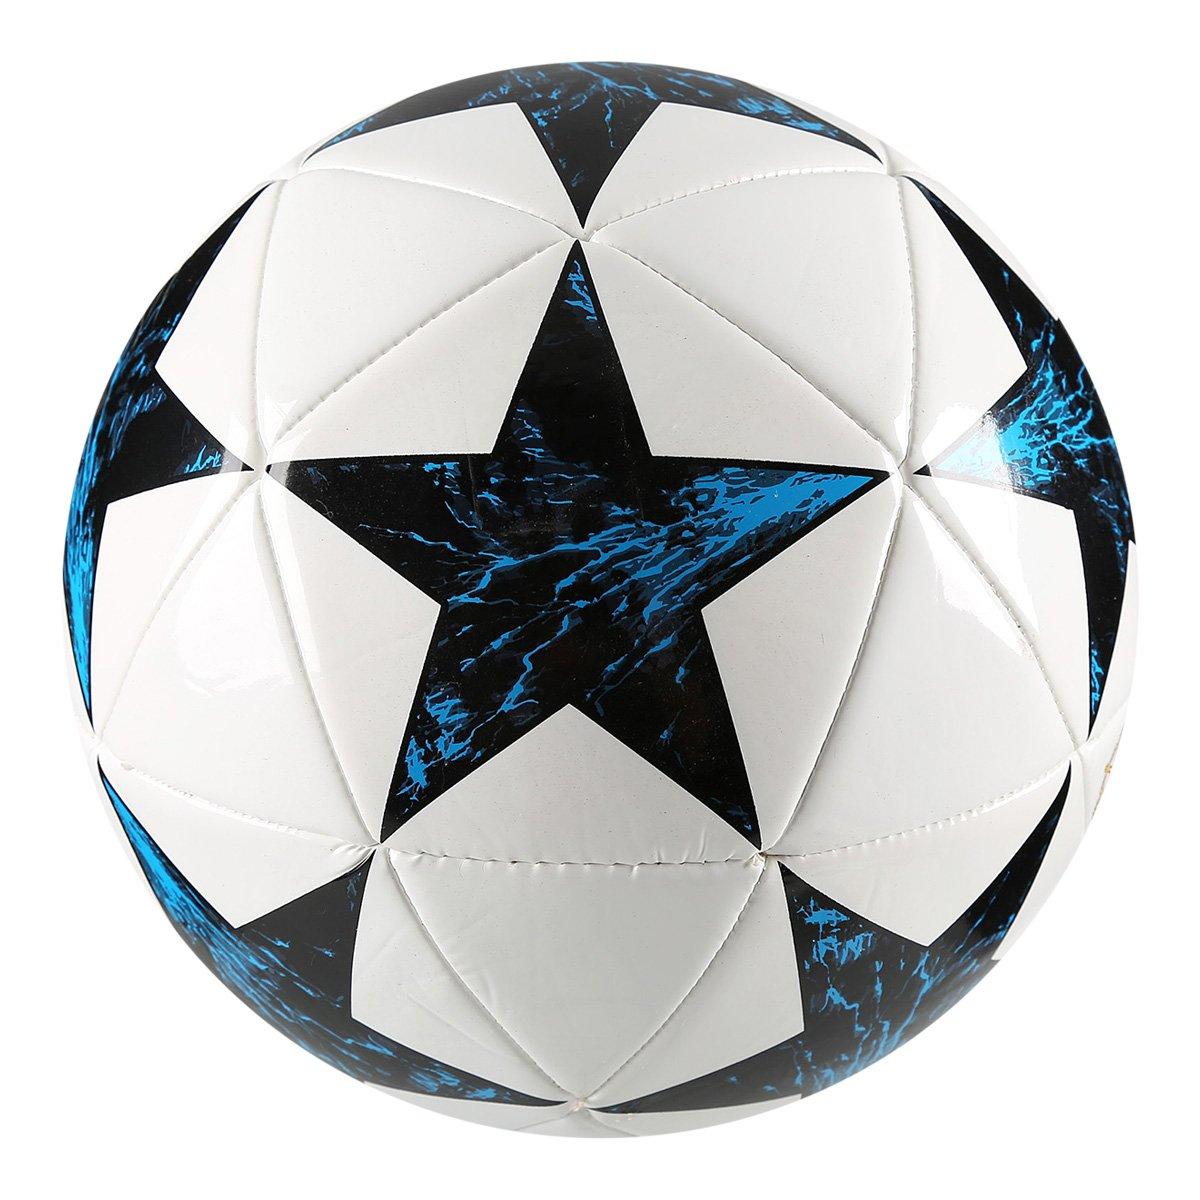 ea4eef0ee3 Bola Futebol Campo Real Madrid Adidas Finale 17 Capitano - Compre ...